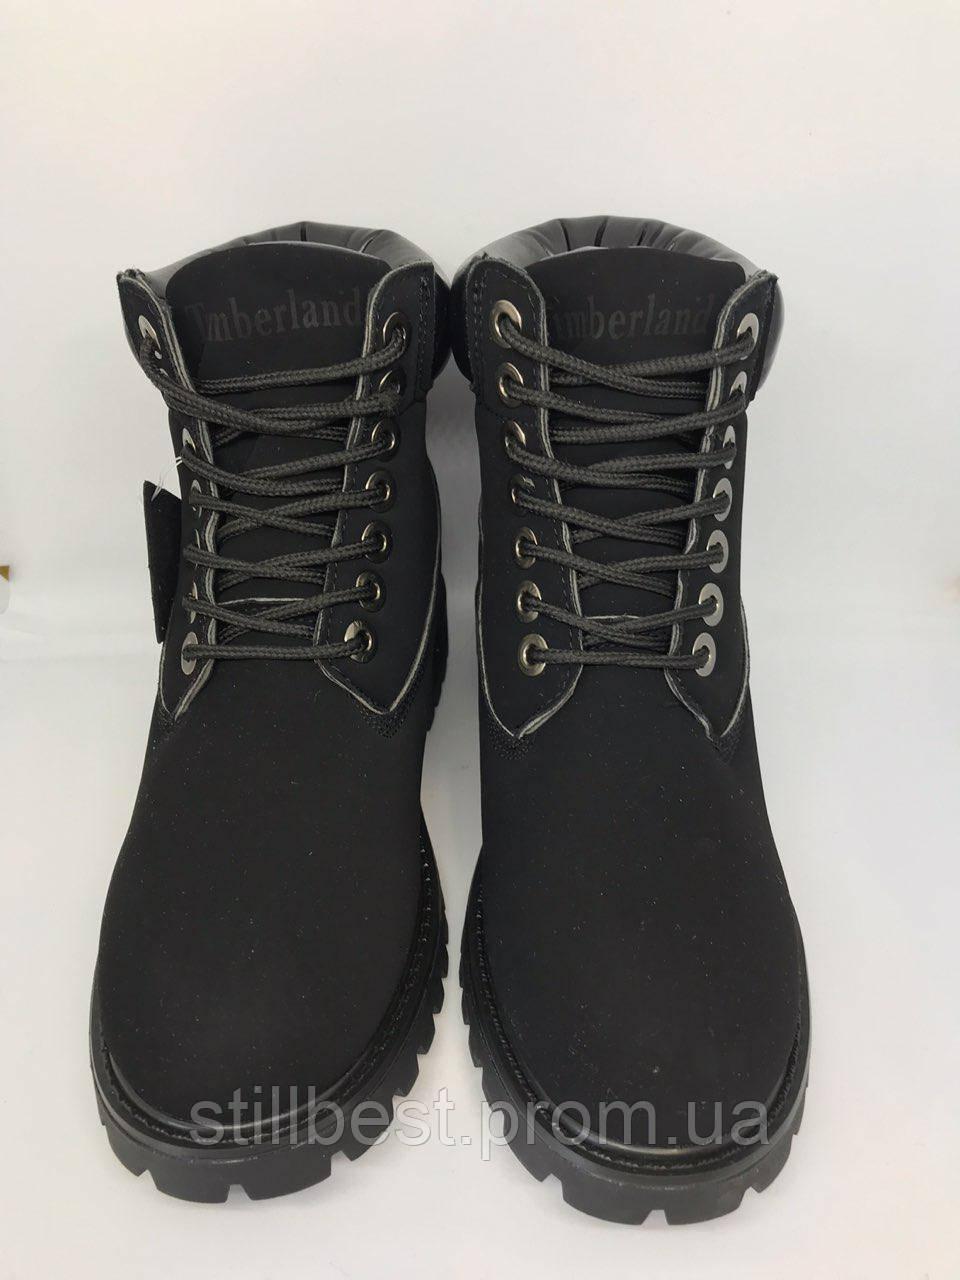 Мужские Ботинки Timberland 35-46 размер 899a43828777a